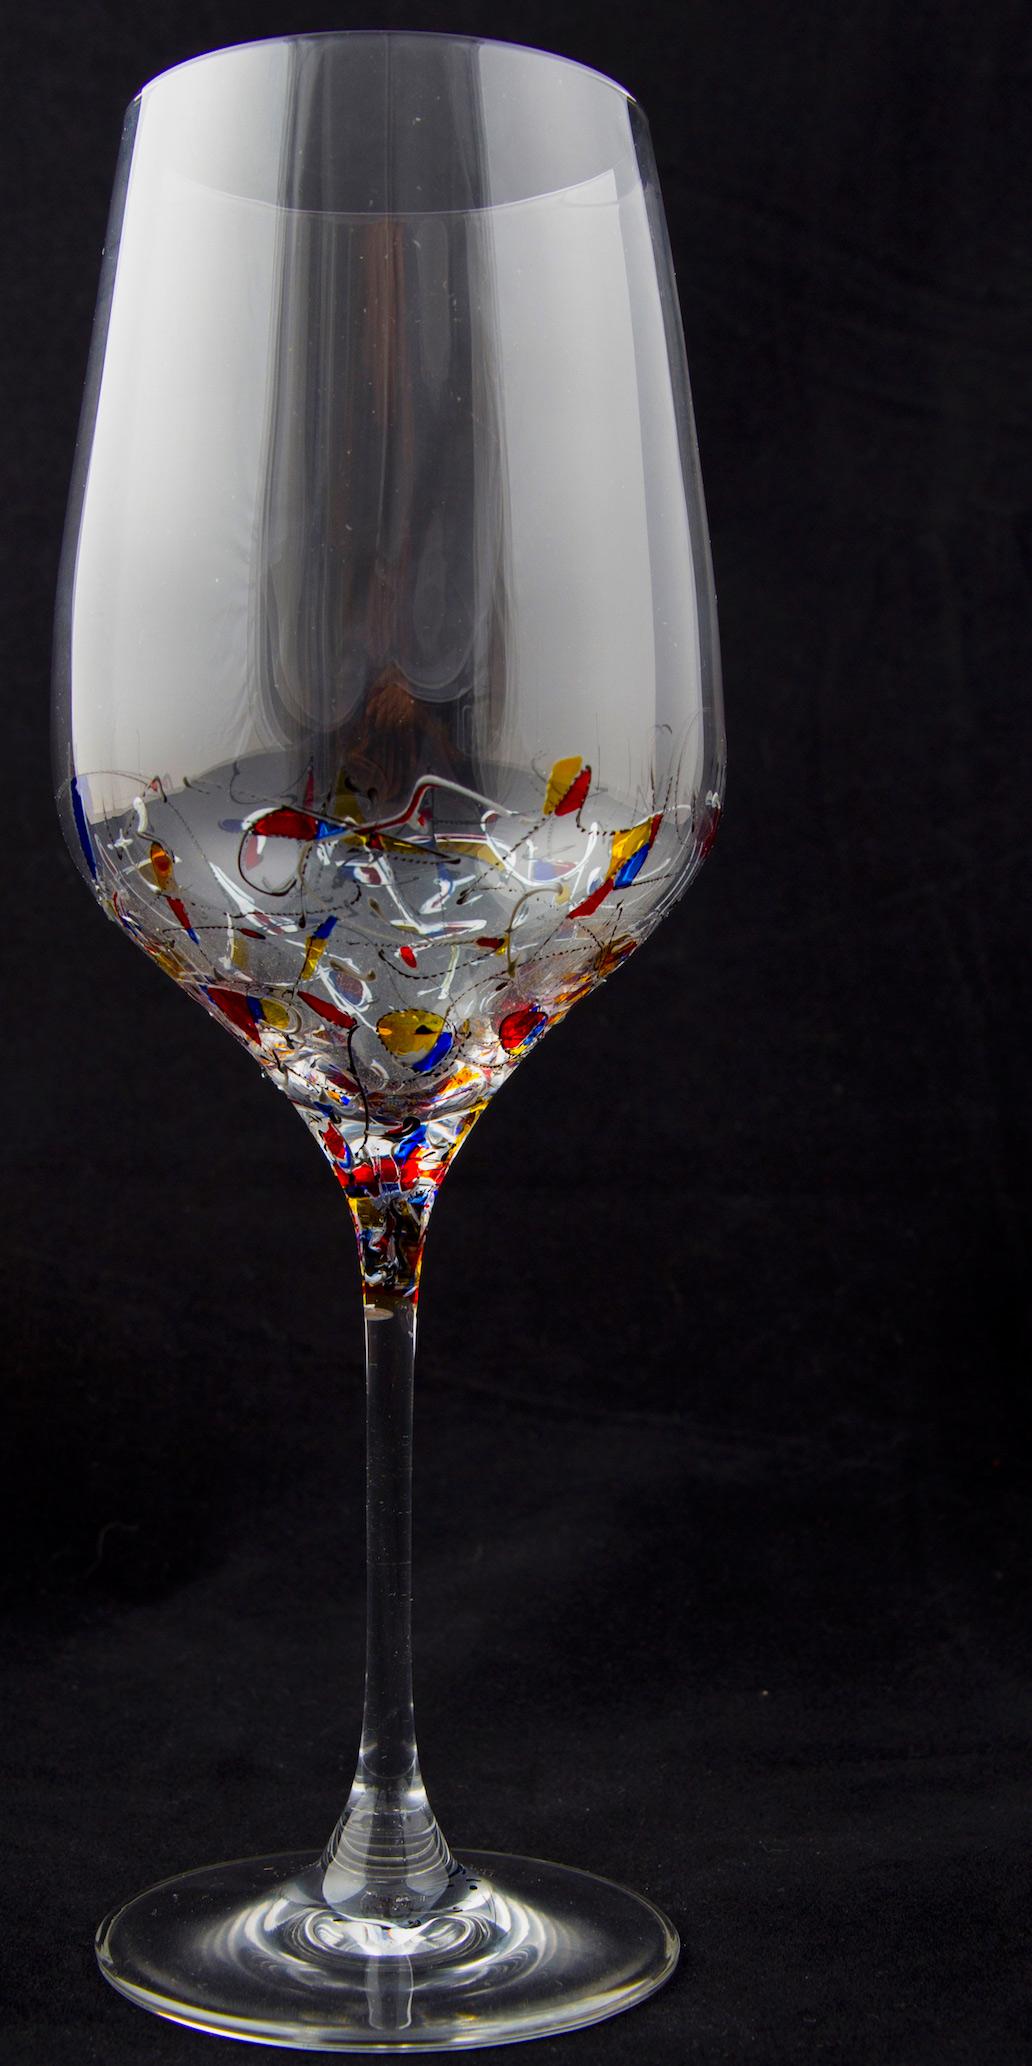 Juego de copas decoradas a mano fantas a arte en cristal for Copas decoradas a mano